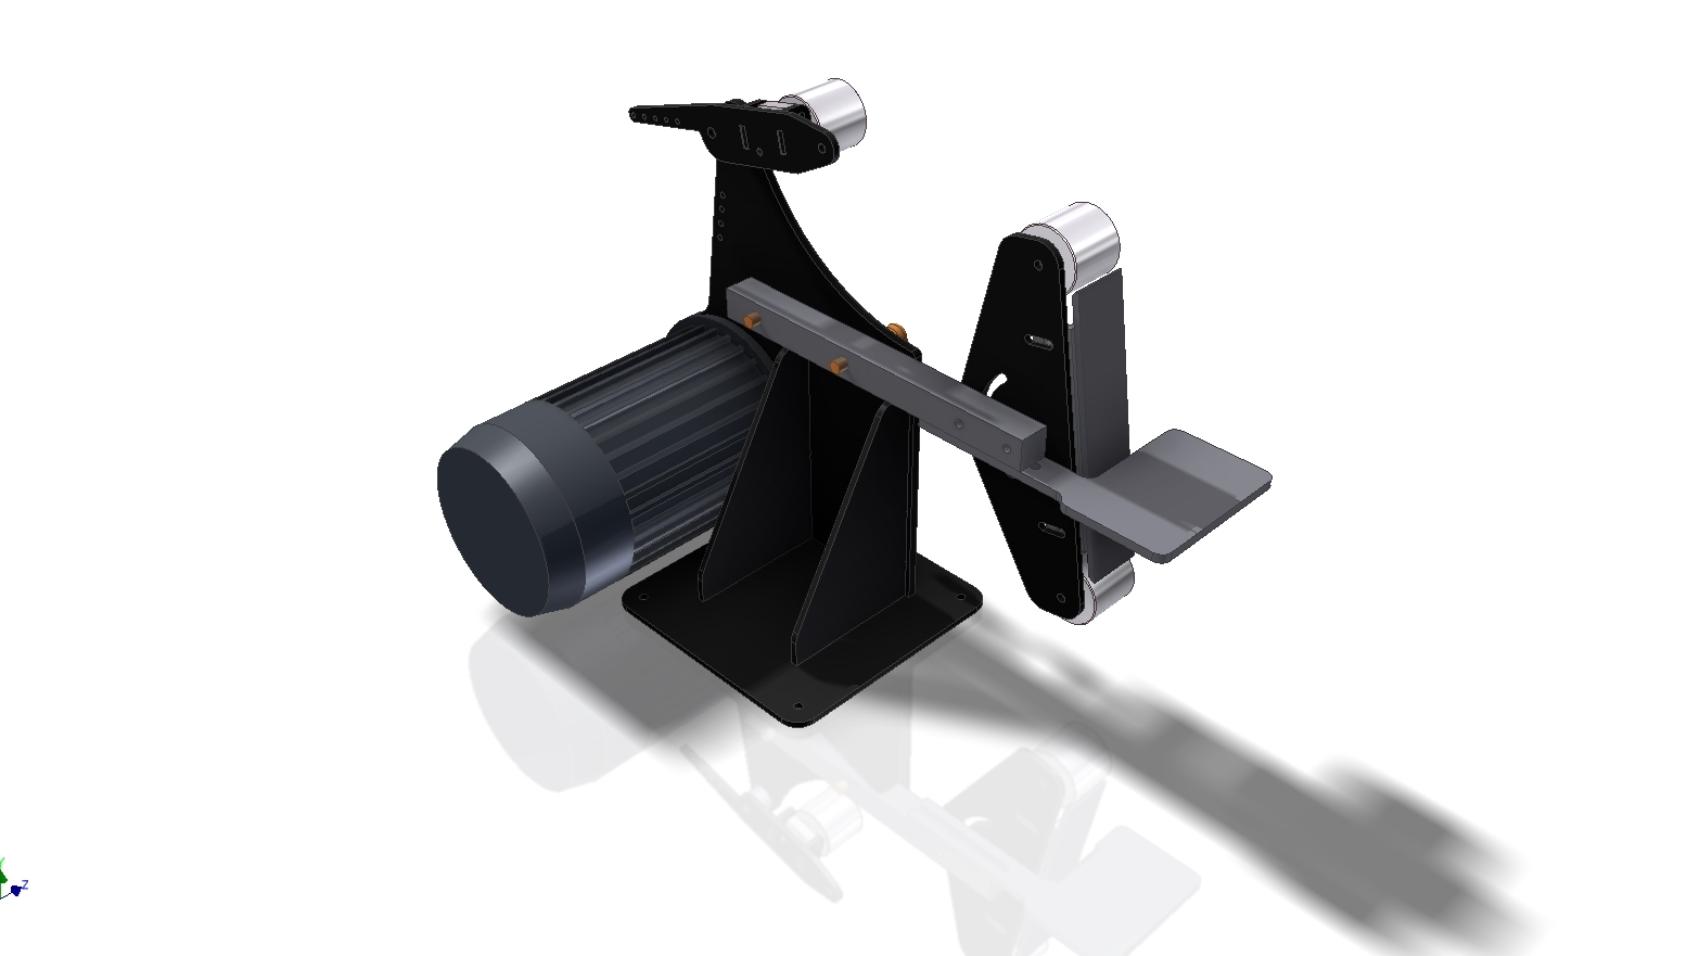 гриндер 3D-модель скачать Belt Grinder